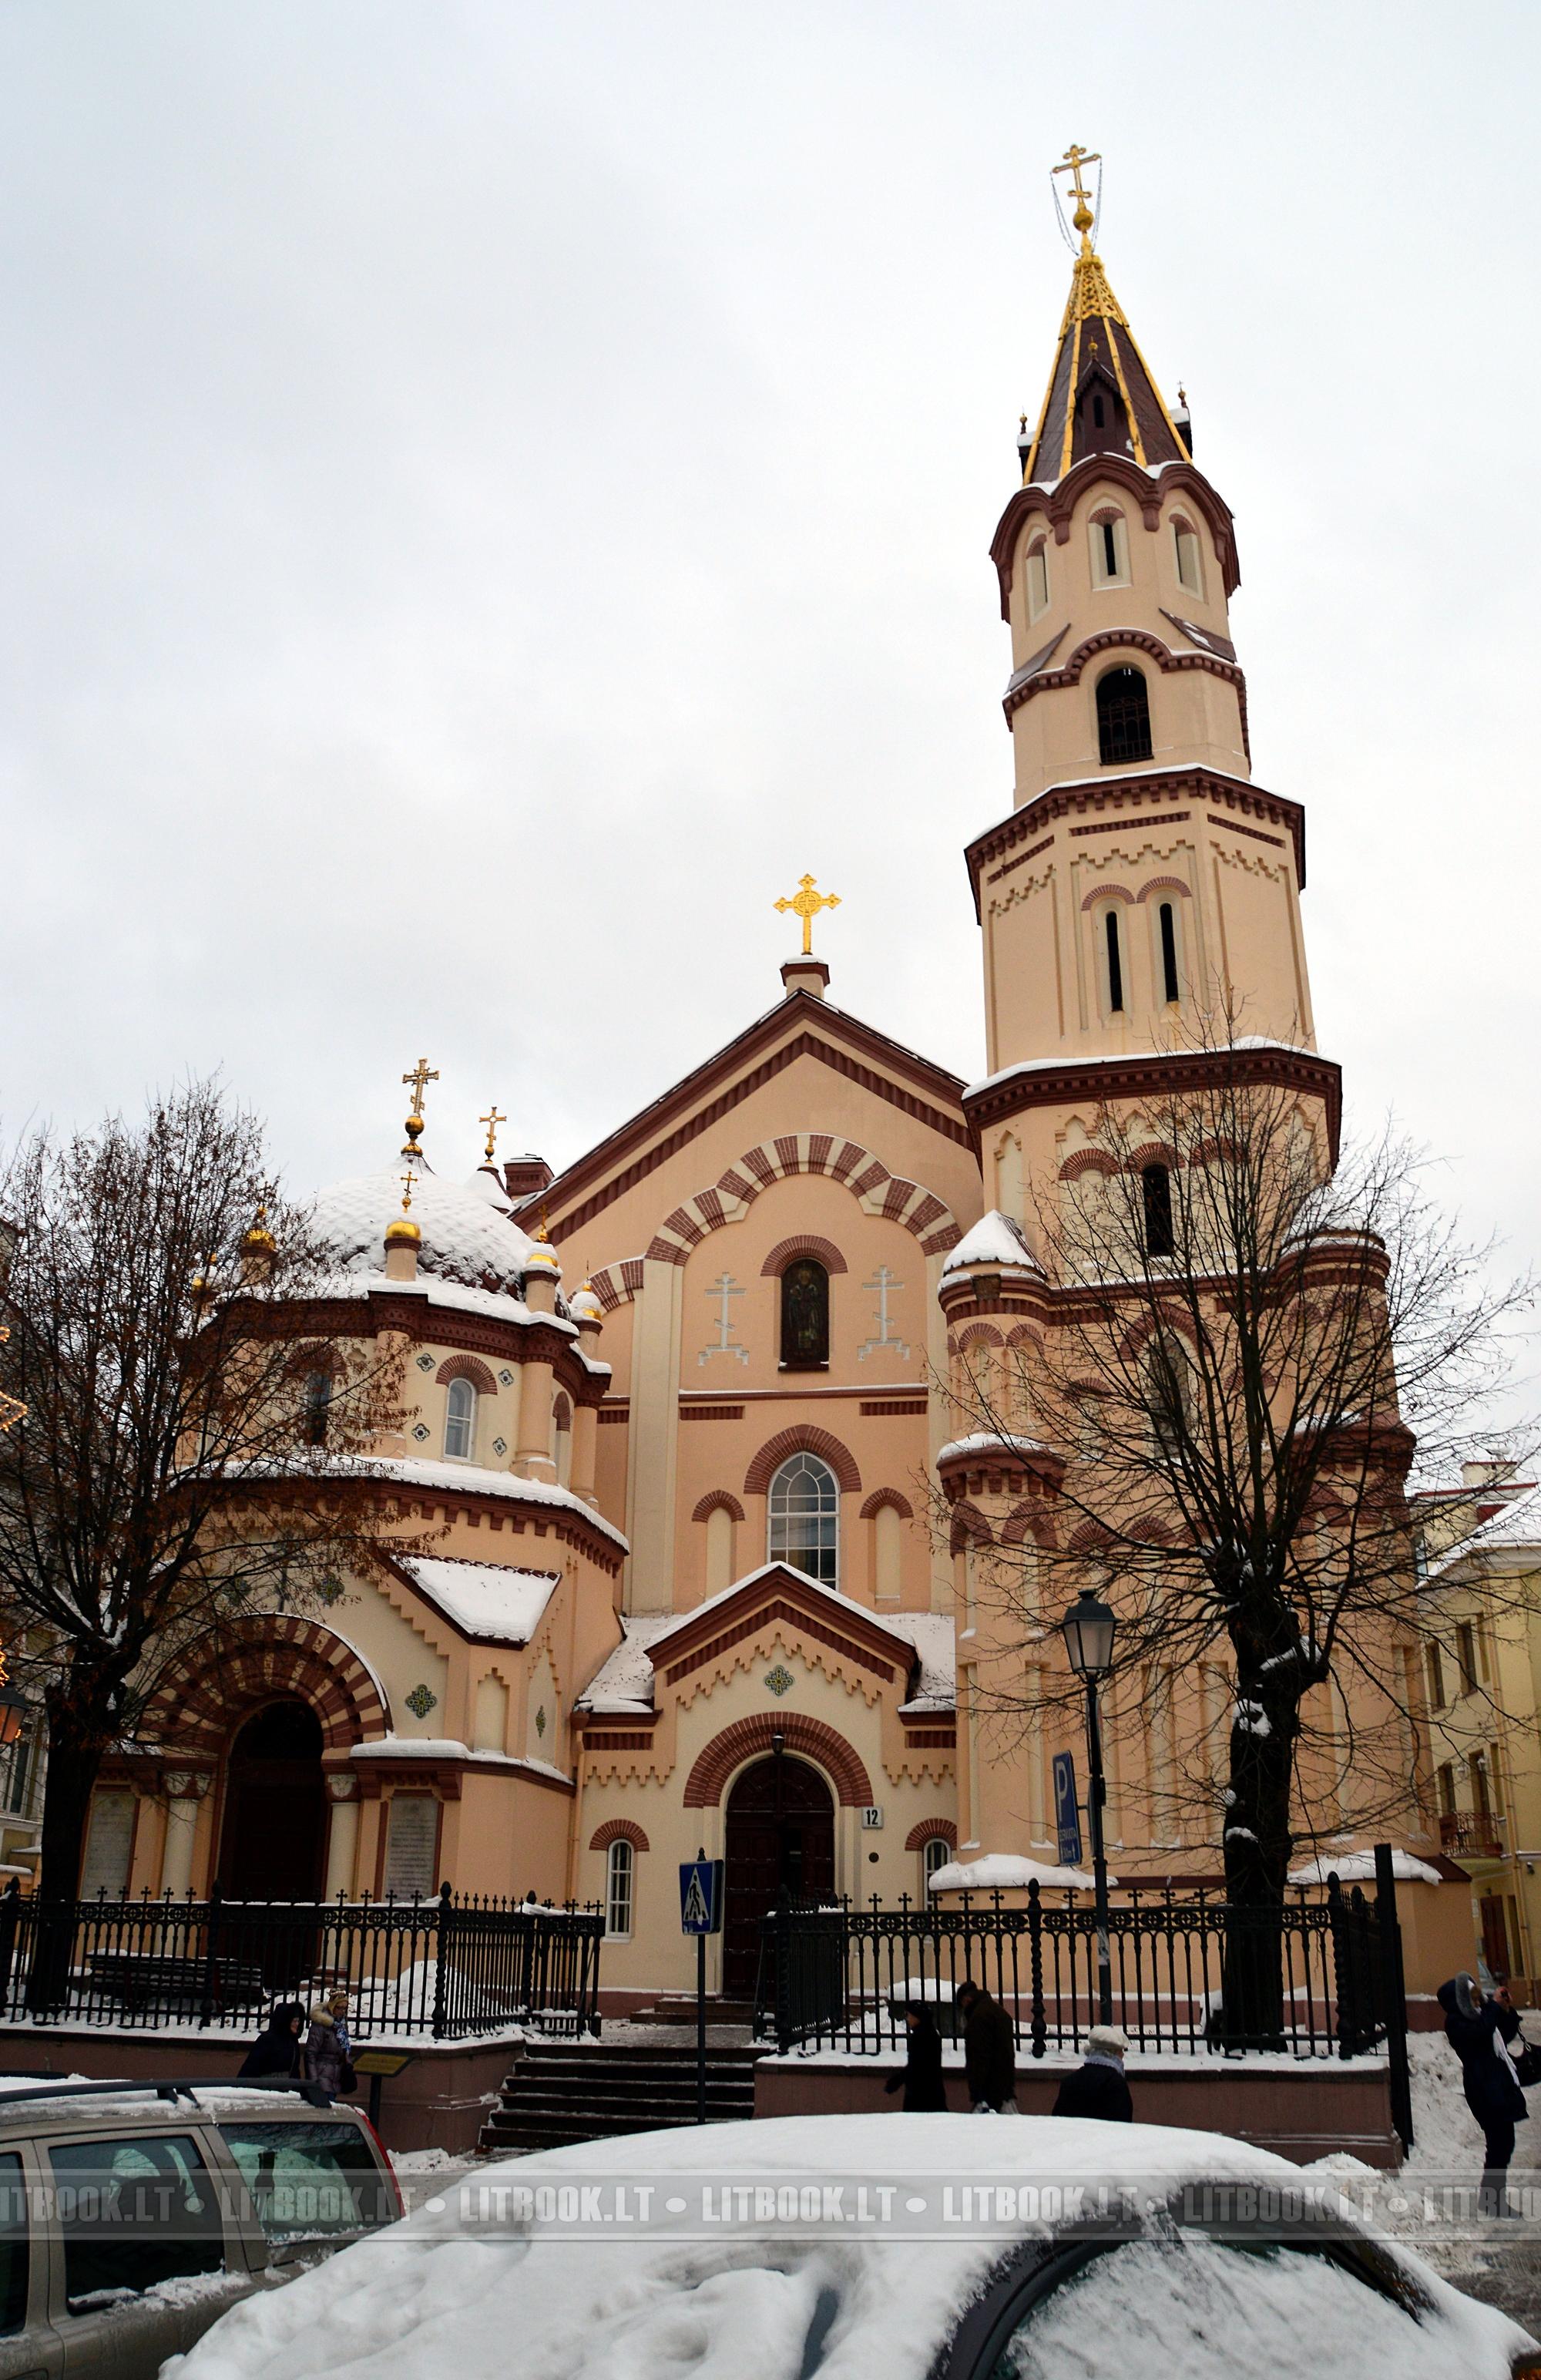 Никольская церковь в Вильнюсе (Литва)